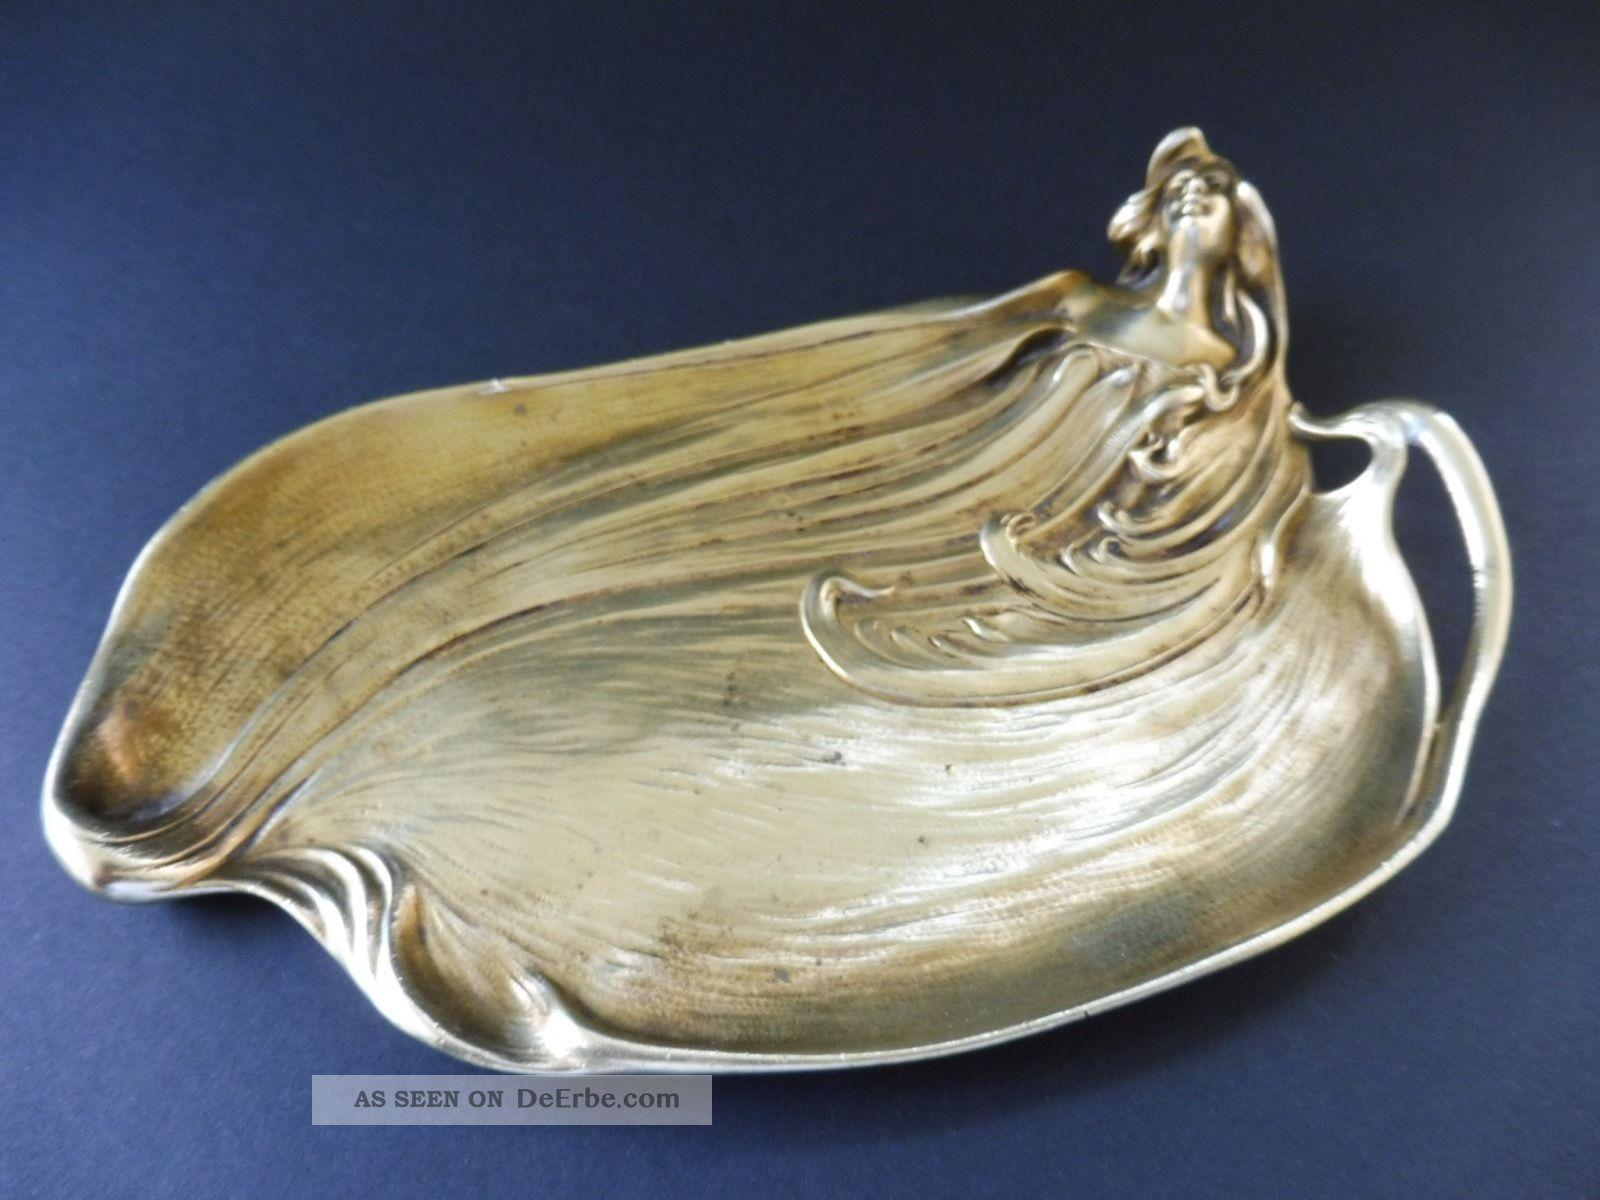 Jugendstil Bronze Visitenkarte Schale Frau Maiden Art Nouveau Visiting Card Tray 1890-1919, Jugendstil Bild